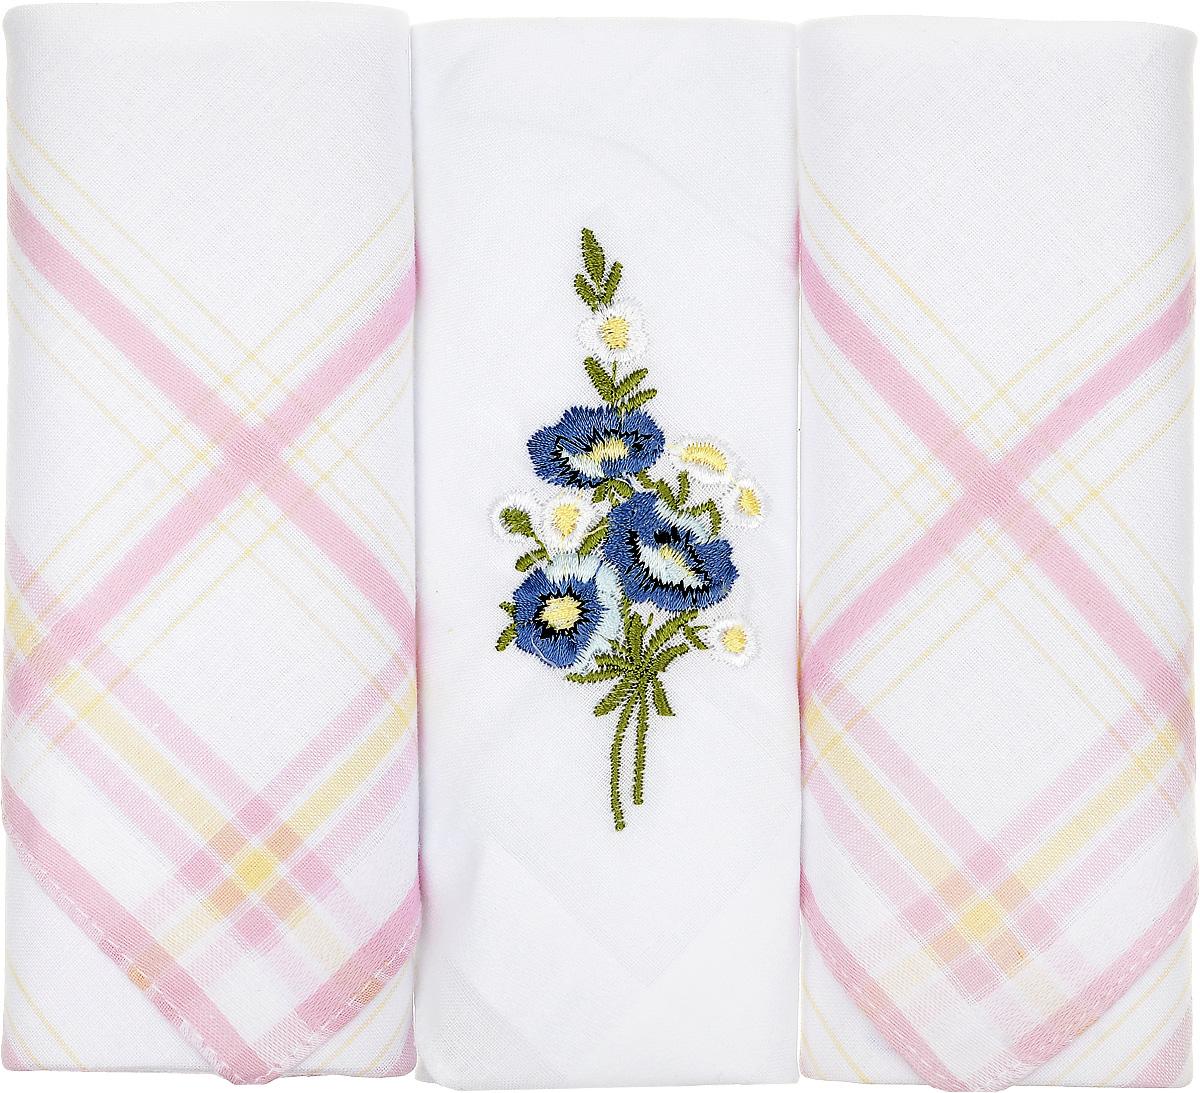 Платок носовой женский Zlata Korunka, цвет: белый, розовый, 3 шт. 90329-43. Размер 29 см х 29 см90329-43Небольшой женский носовой платок Zlata Korunka изготовлен из высококачественного натурального хлопка, благодаря чему приятен в использовании, хорошо стирается, не садится и отлично впитывает влагу. Практичный и изящный носовой платок будет незаменим в повседневной жизни любого современного человека. Такой платок послужит стильным аксессуаром и подчеркнет ваше превосходное чувство вкуса. В комплекте 3 платка.